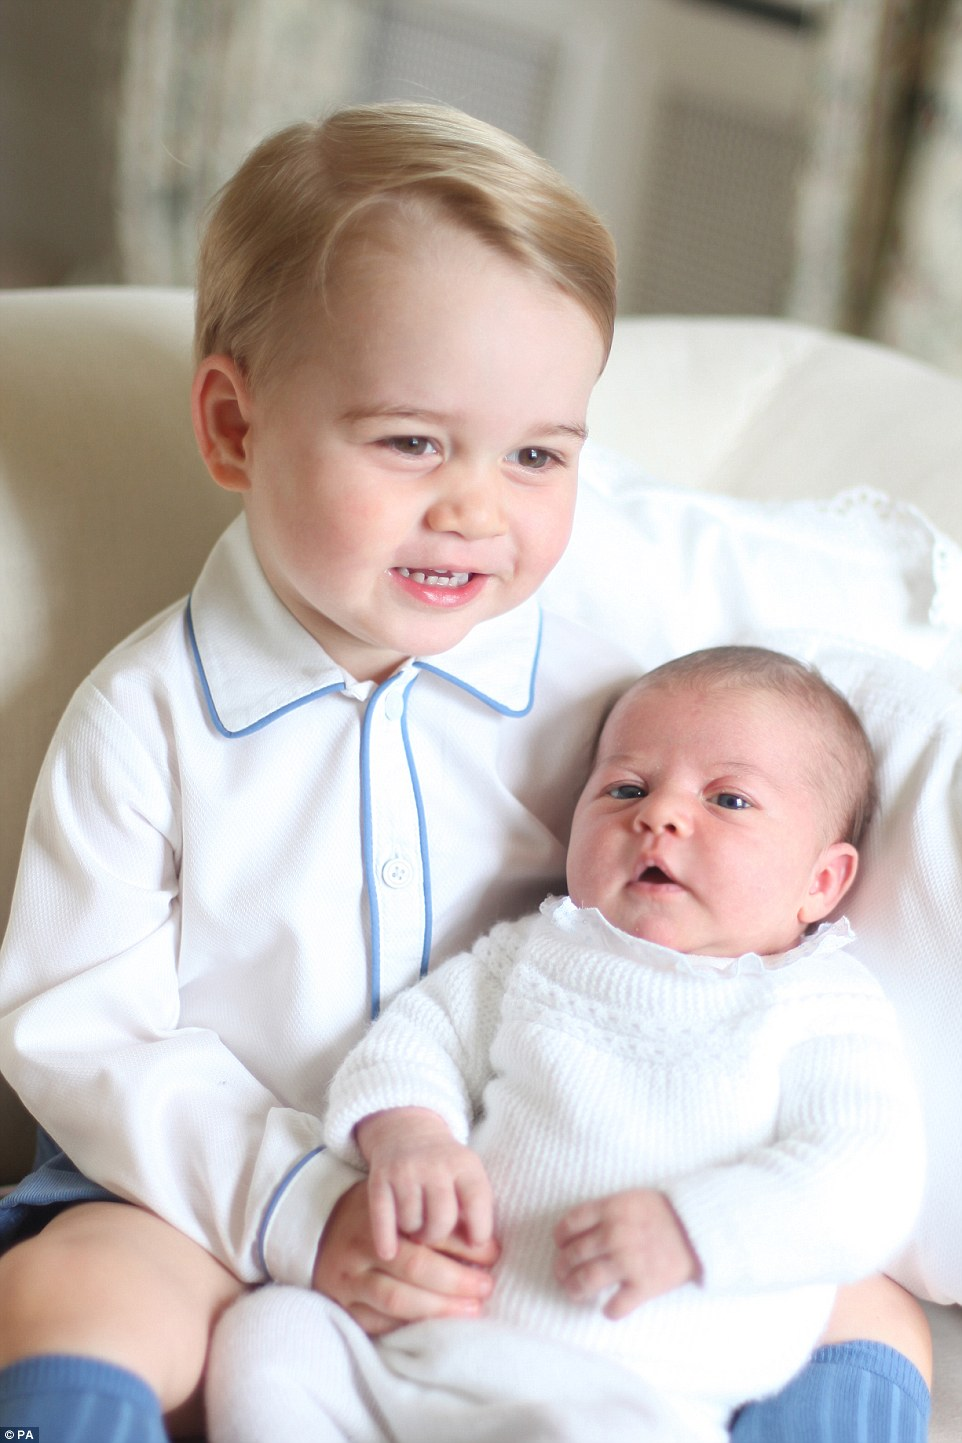 シャーロット王女にキスをする兄ジョージ王子に関連した画像-03